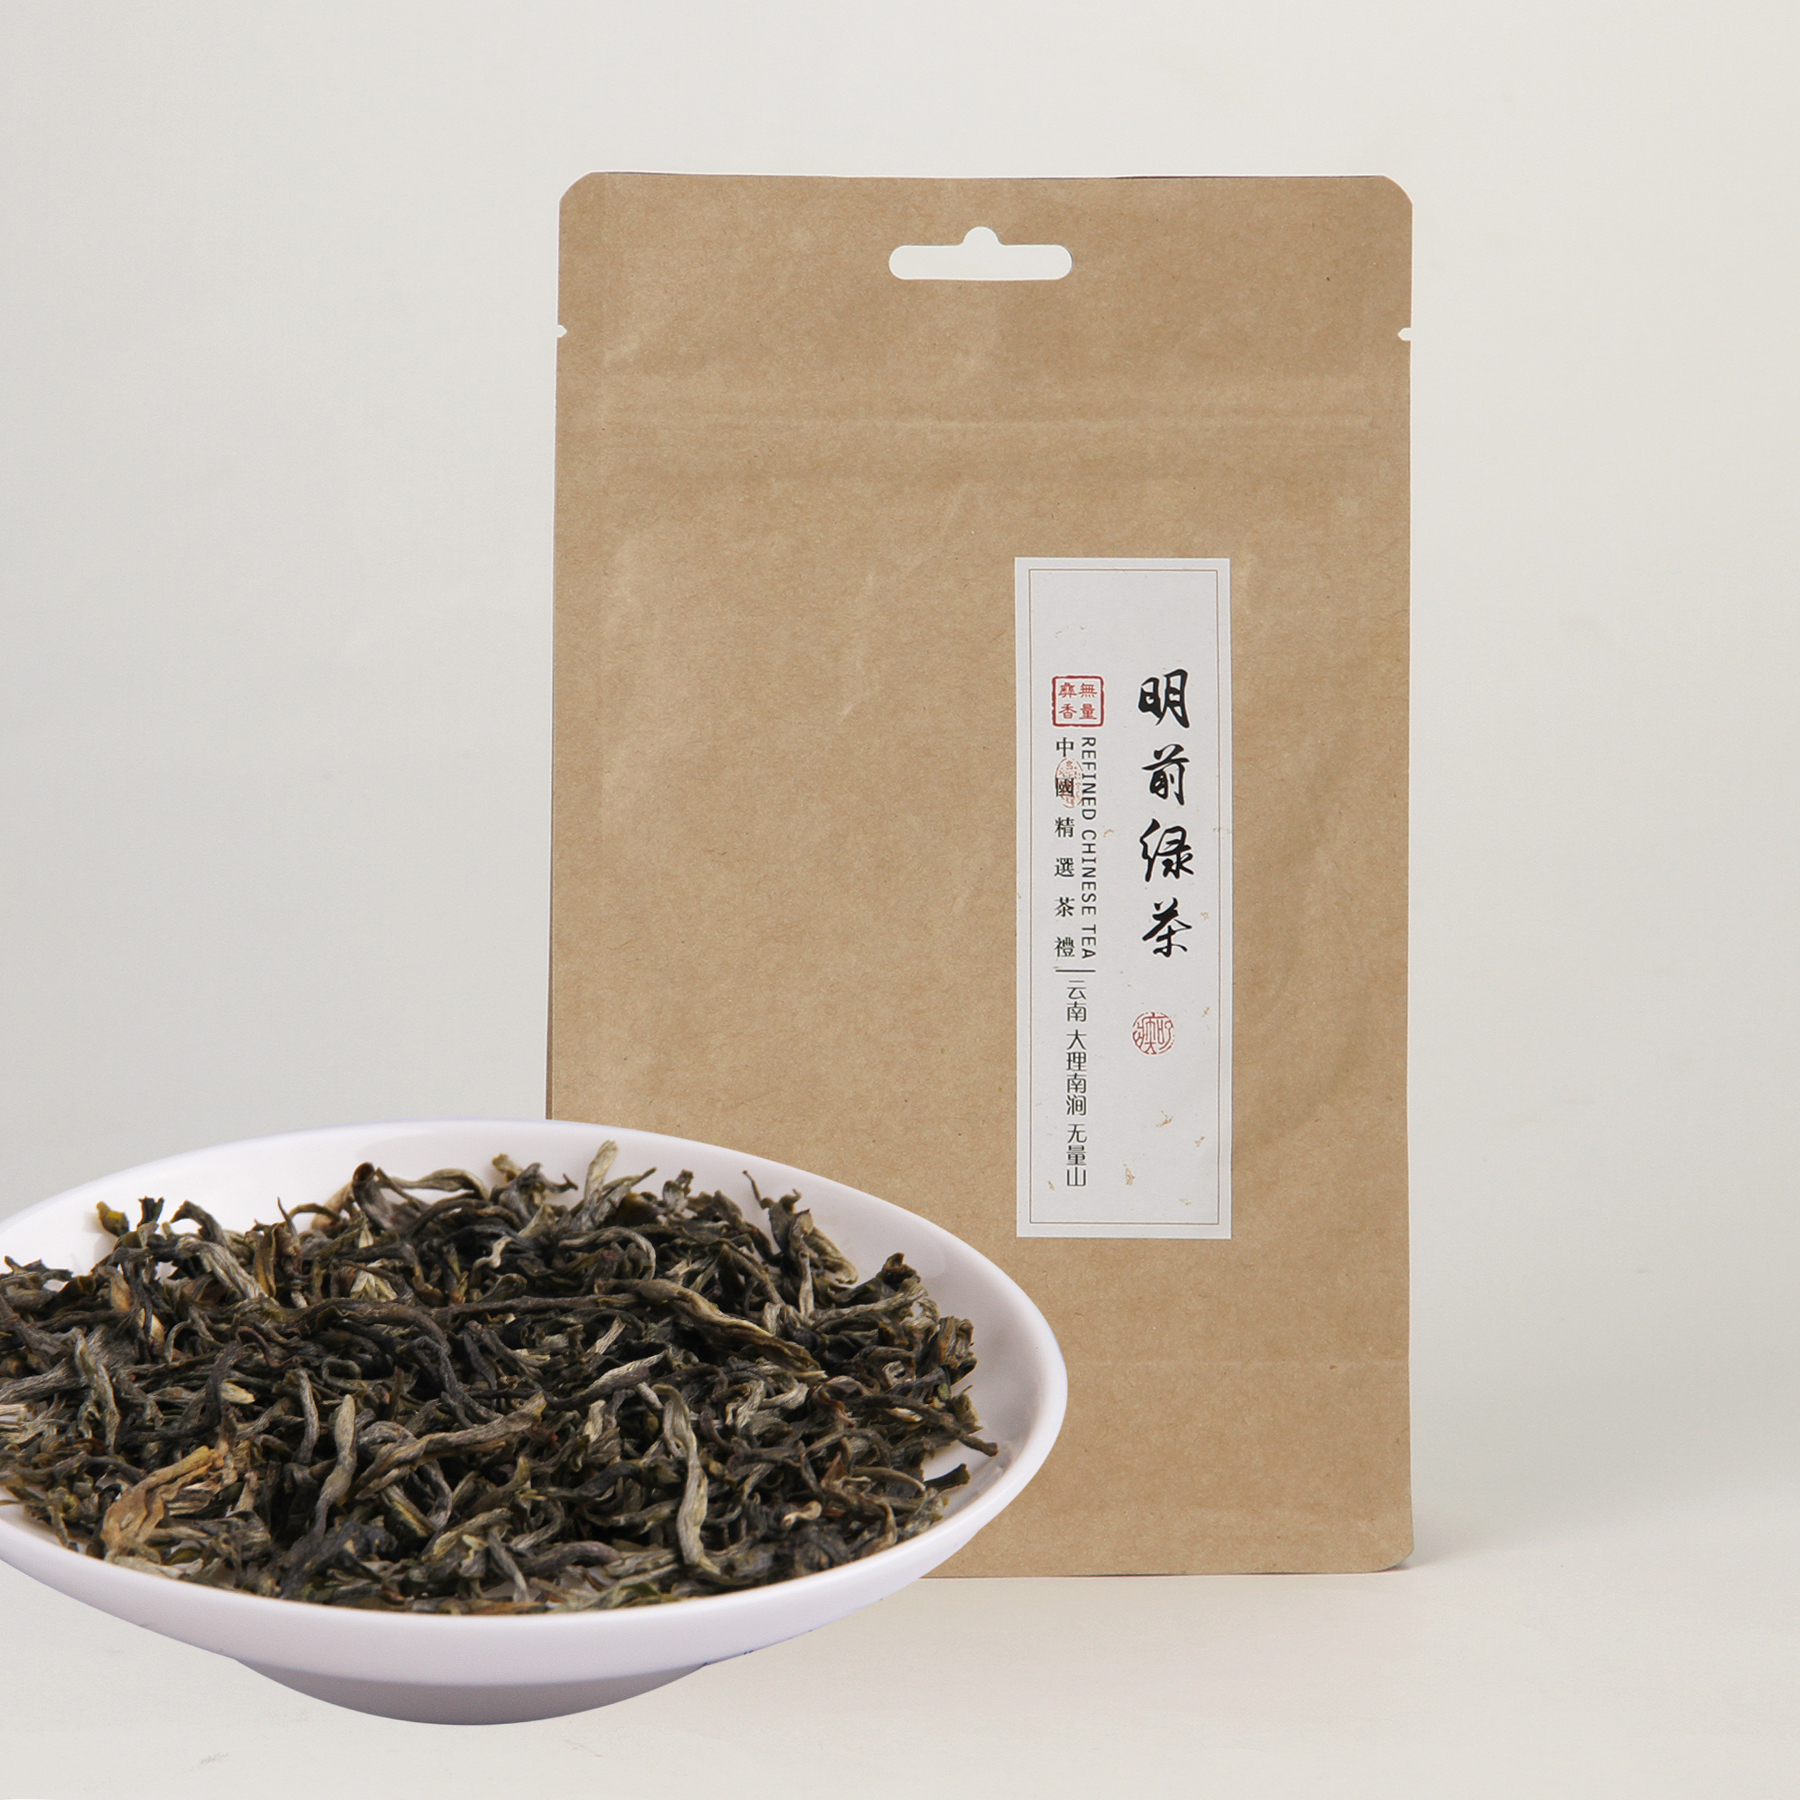 明前绿茶(2016)绿茶价格400元/斤